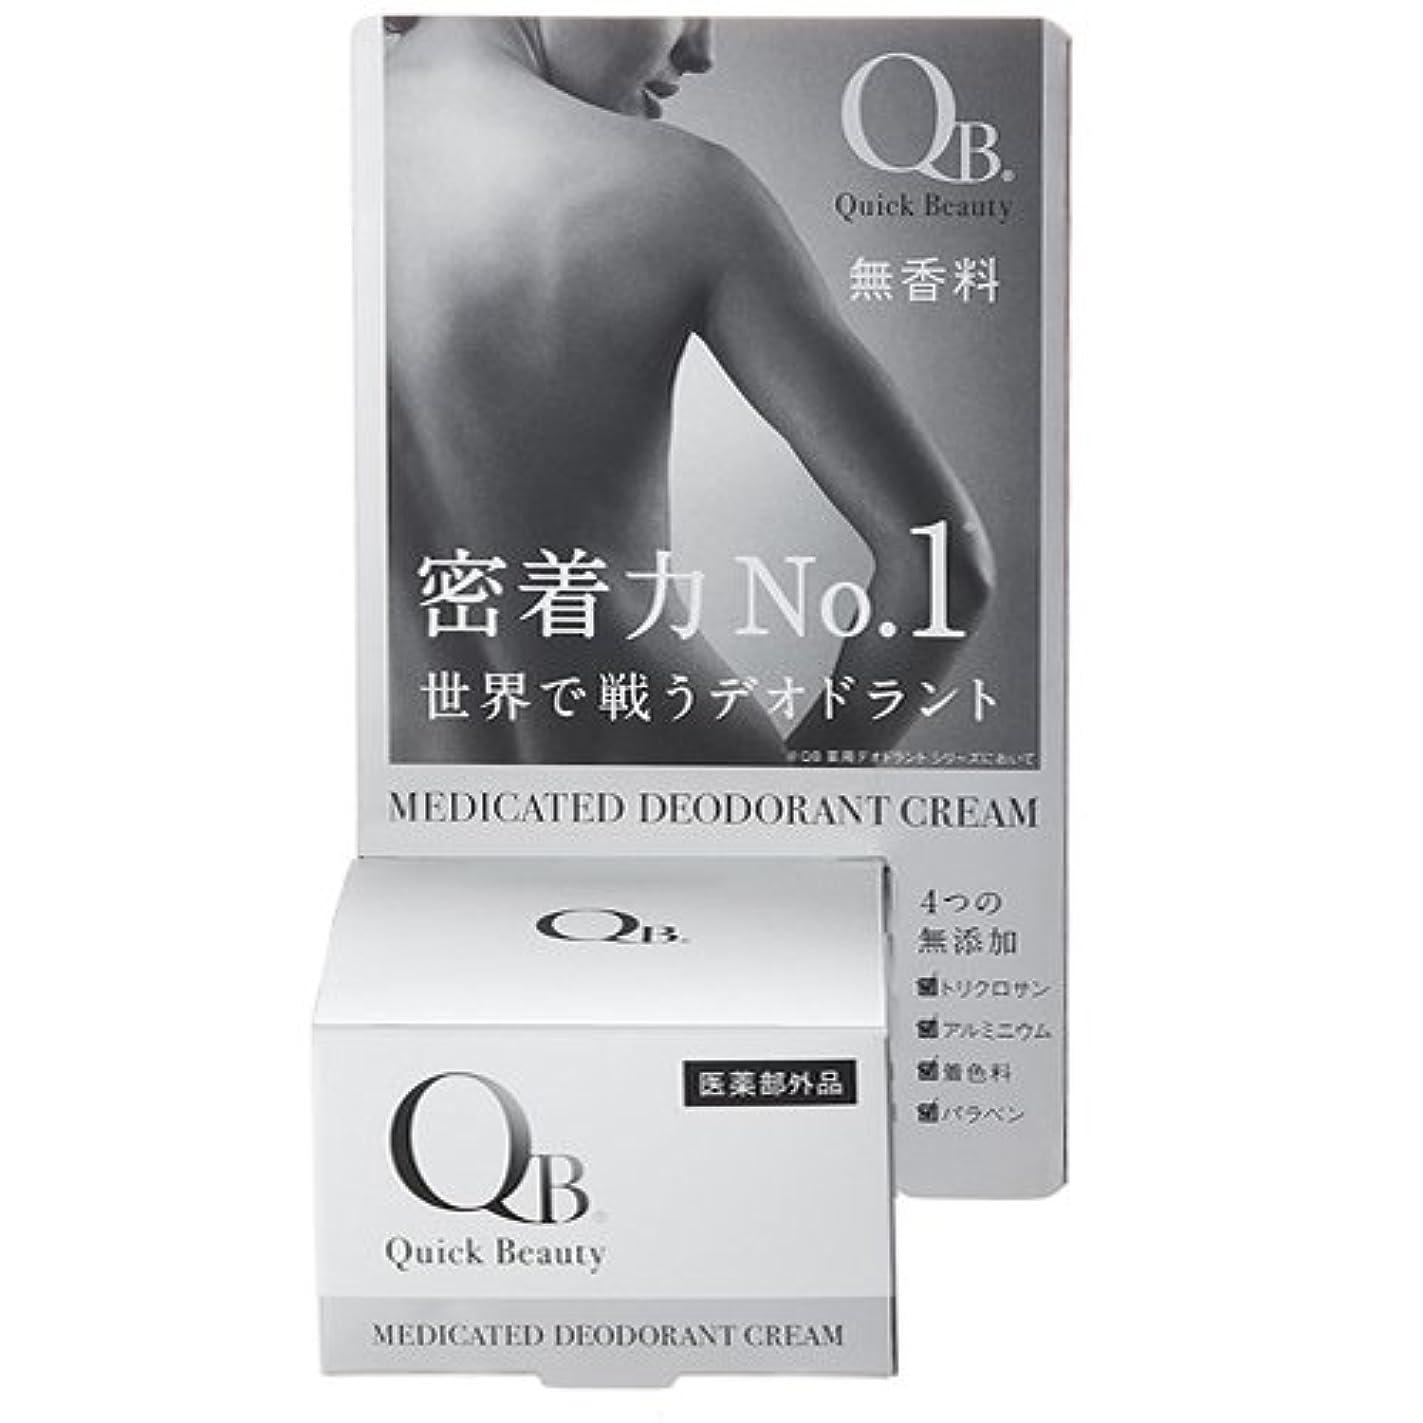 カーペット通路どっちでも3個セット まとめ買い QB 薬用デオドラントクリーム W 30g 医薬部外品